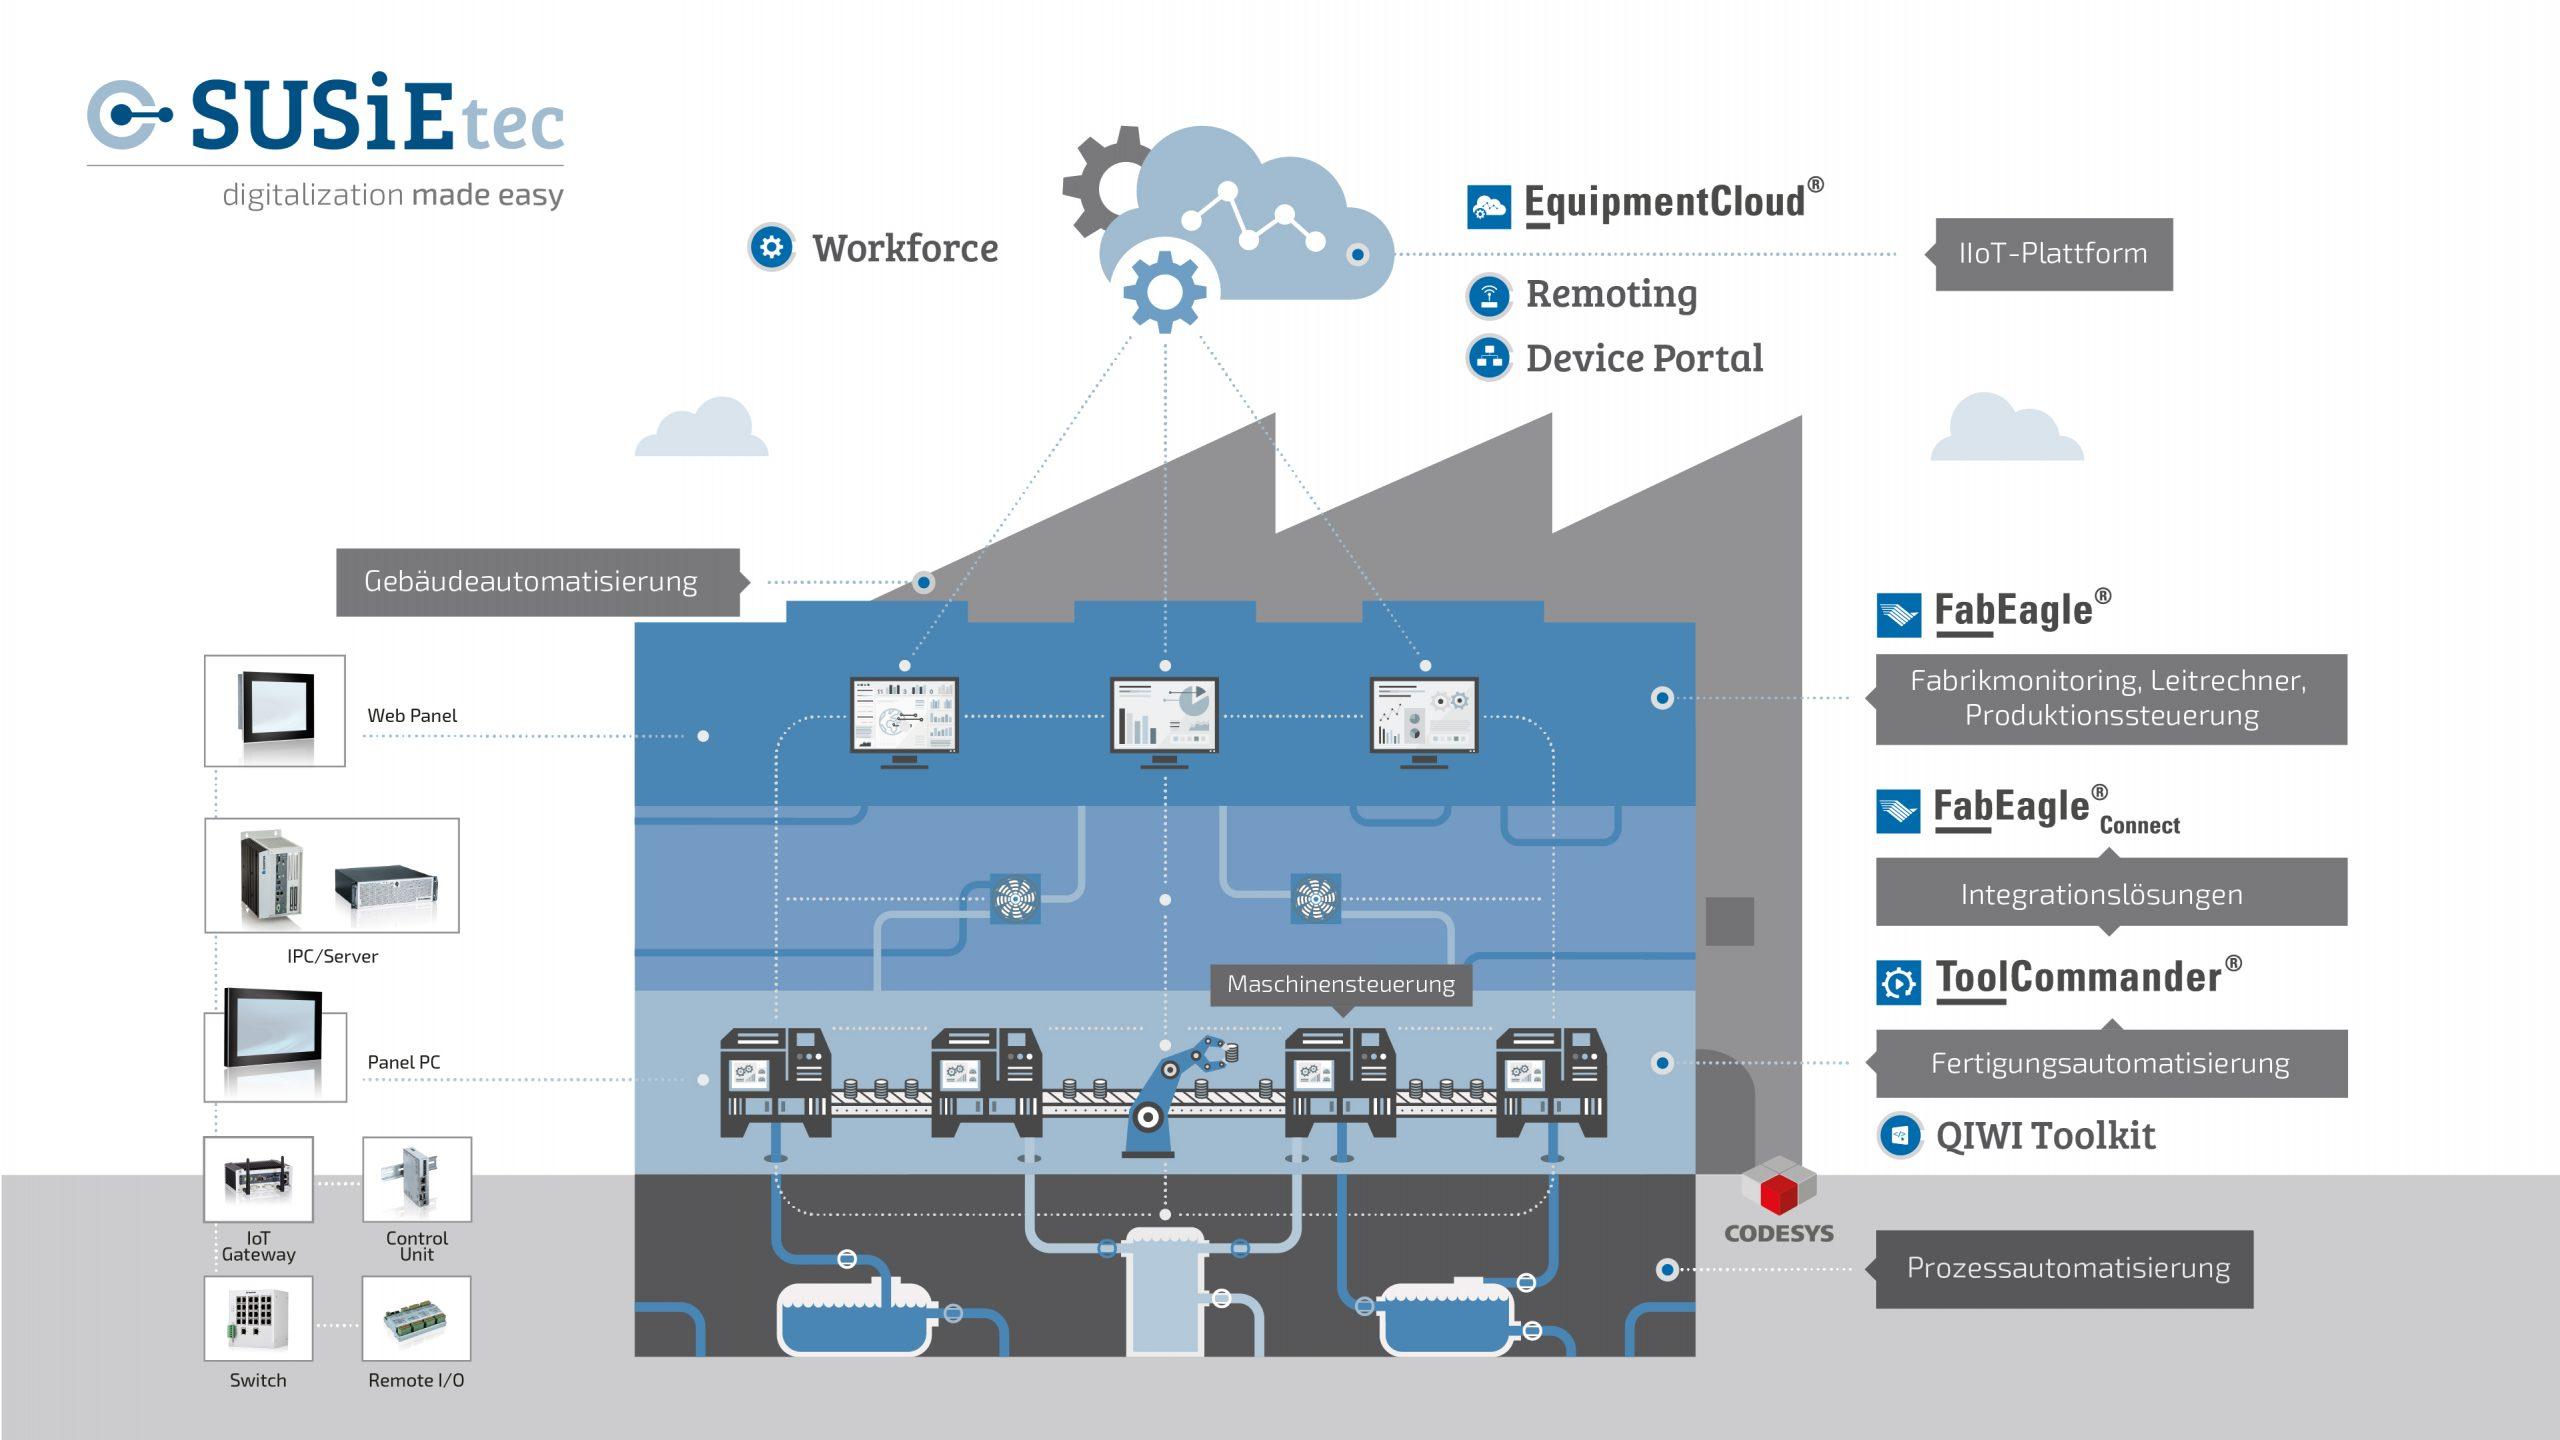 Mit einem sehr breiten Angebot an Hard- und Softwareprodukten für Embedded Computing und IoT sieht sich Kontron als Enabler des Industrial Internet of Things. (Bild: Kontron)